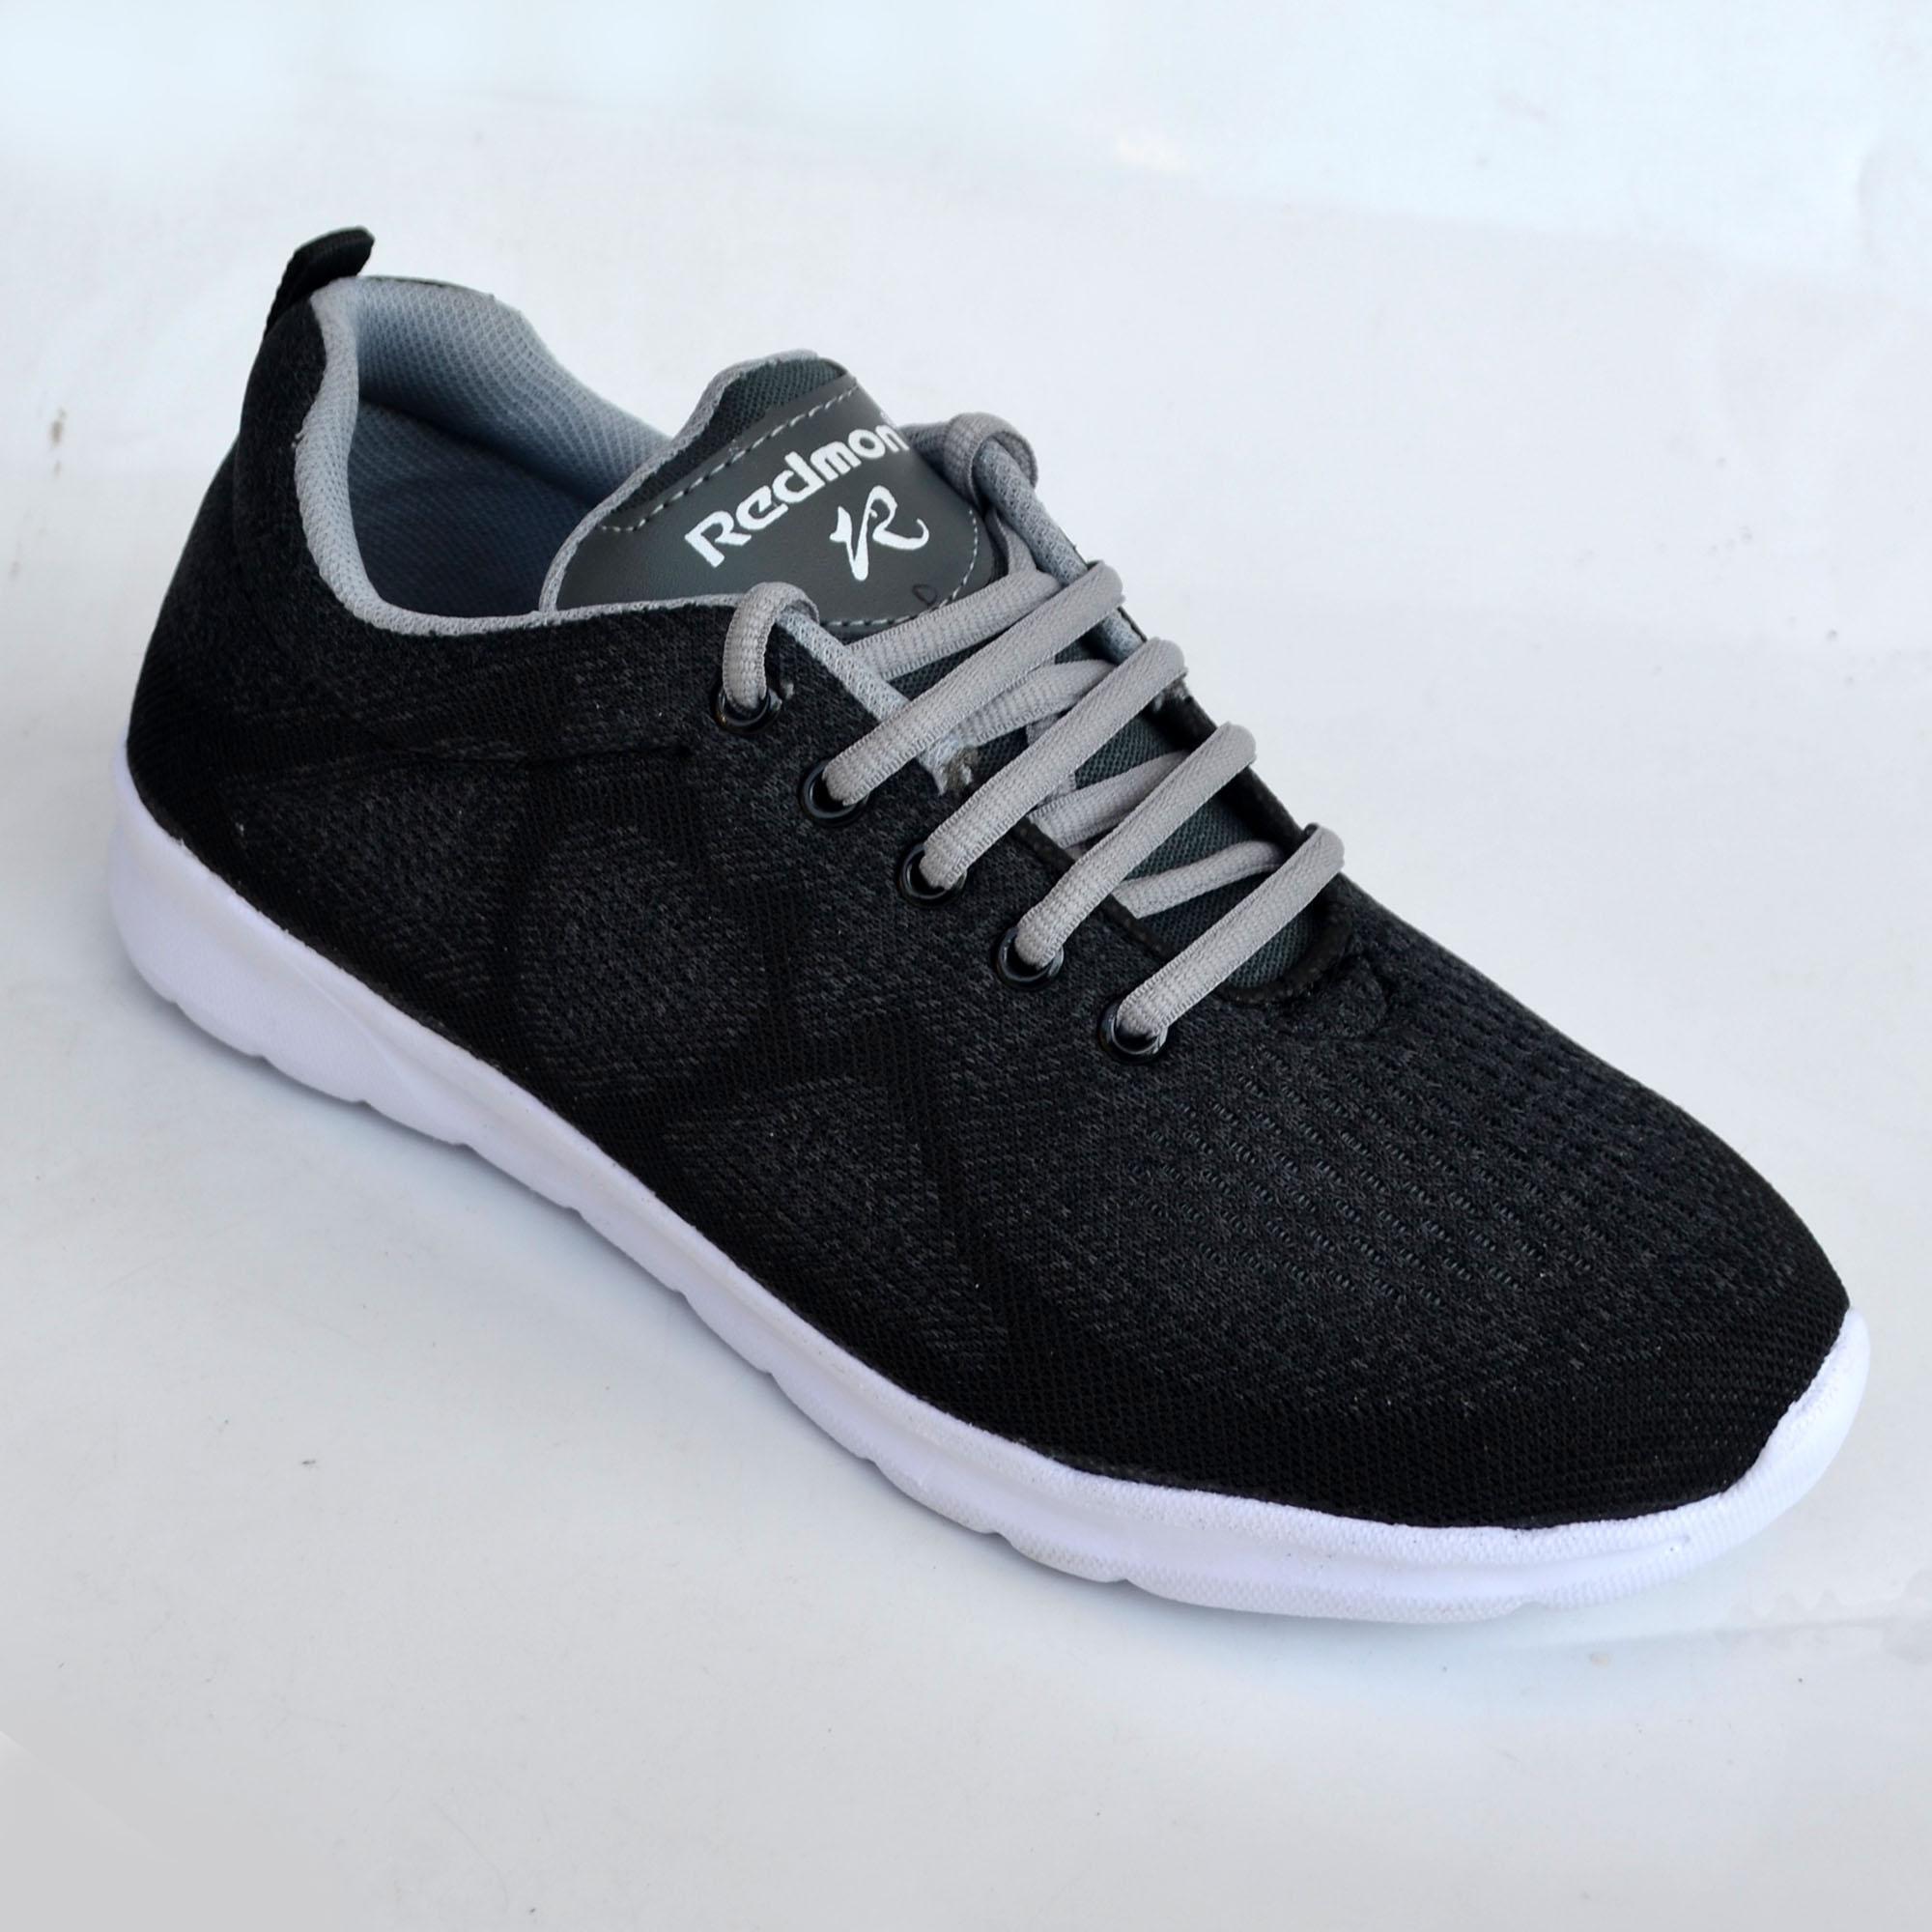 sepatu sneaker SNJ100 // sneakers dan kasual pria / sepatu kasual kanvas / sepatu sneaker pria / sepatu pria / sepatu sneaker murah